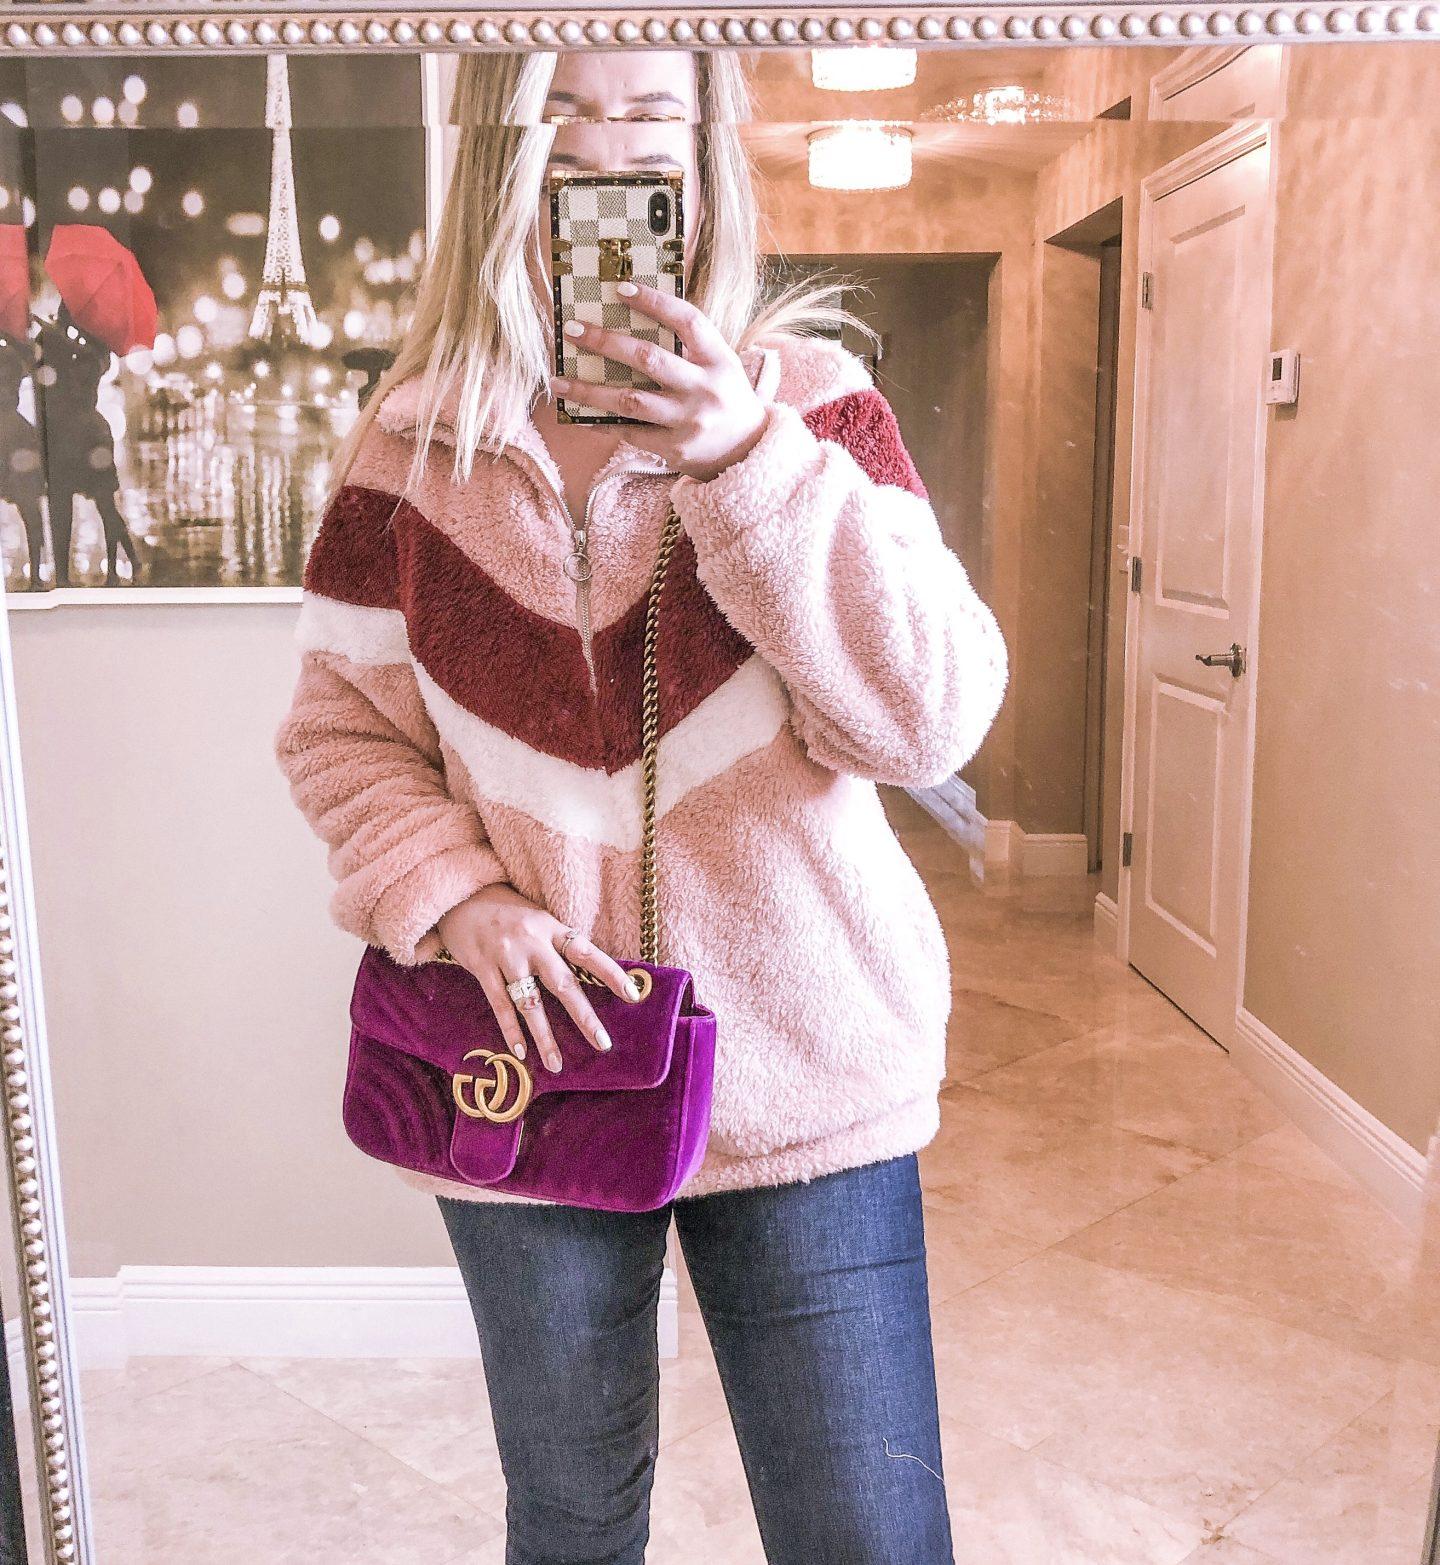 Amazon Fashion Finds 2020, amazon fashion, best amazon items, amazon fashion 2020, amazon sherpa, amazon sweater, pink sherpa, purple gucci marmont